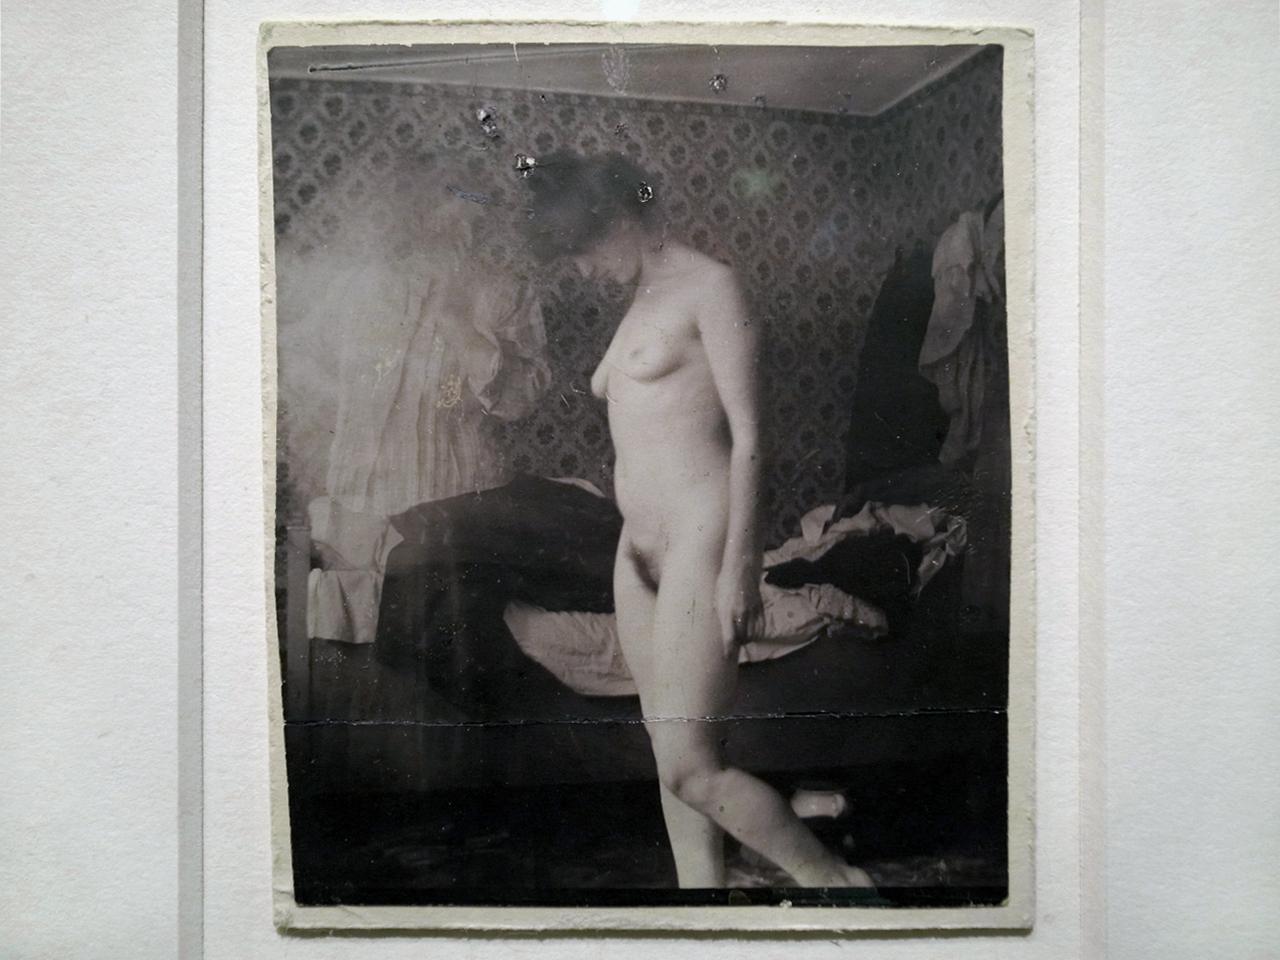 ce que voit le peintre et ce qu'il nous envoie Munch-nu-photo